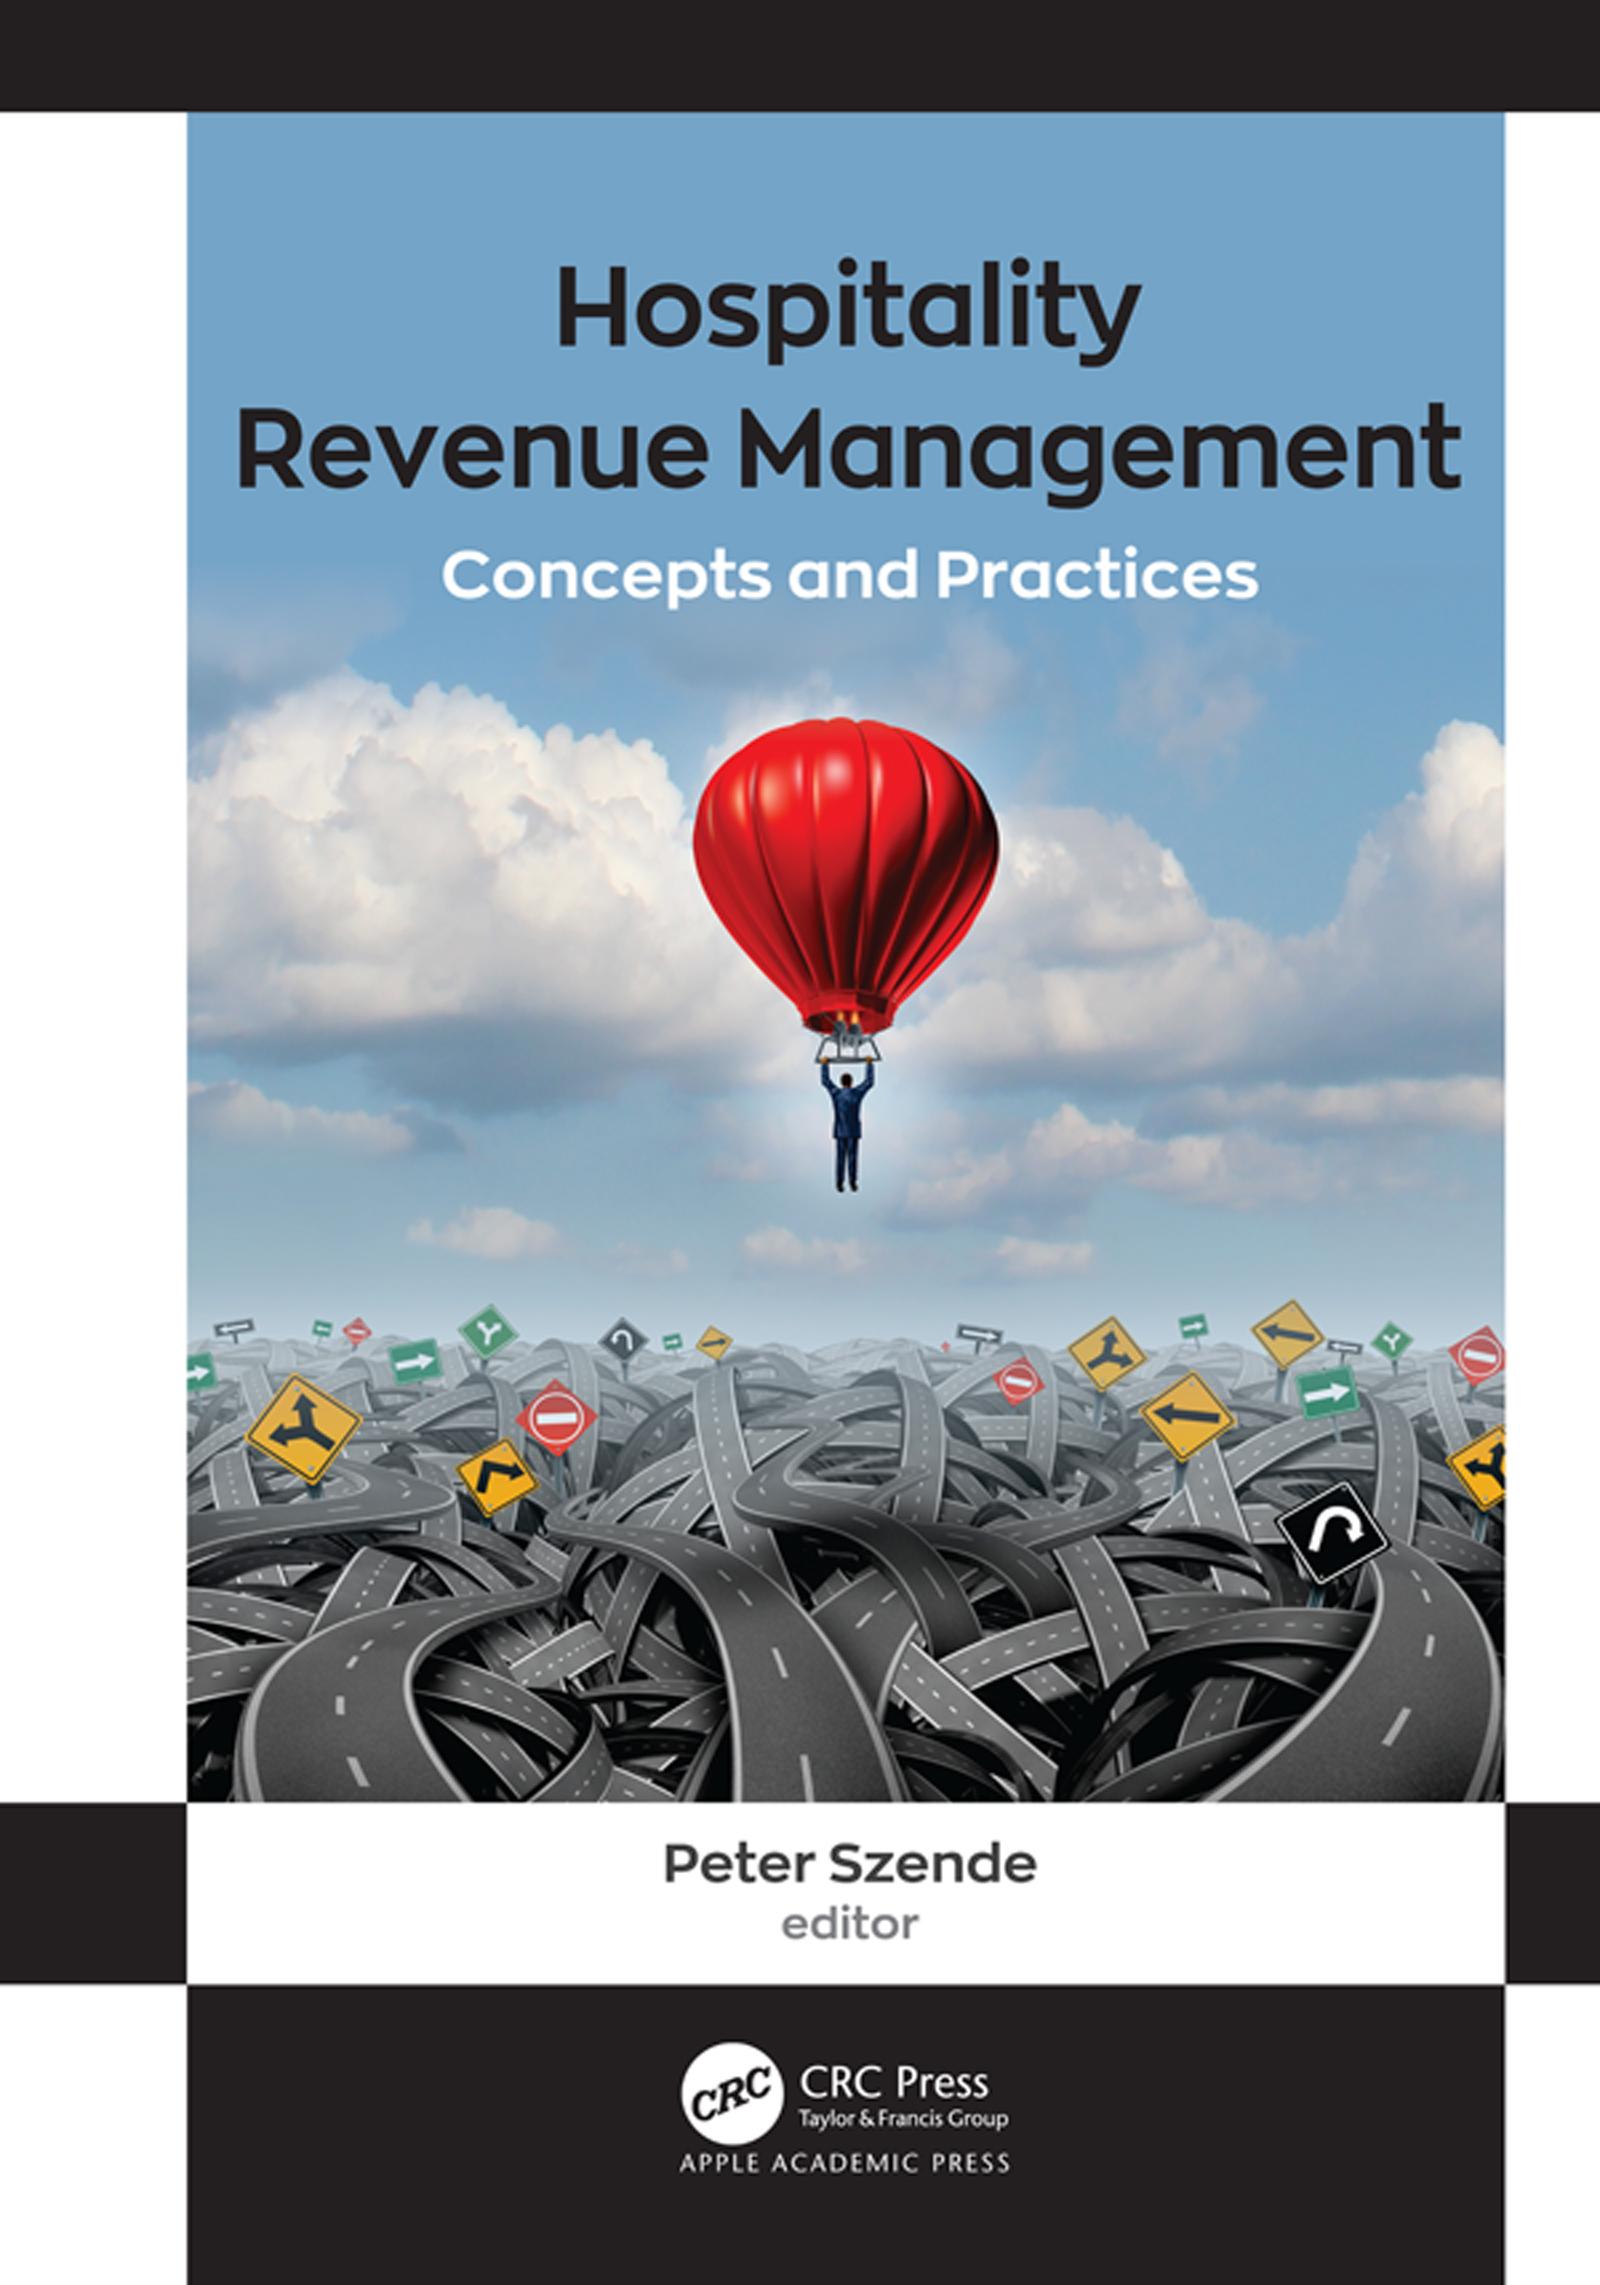 Restaurant Revenue Management: Basic Concepts